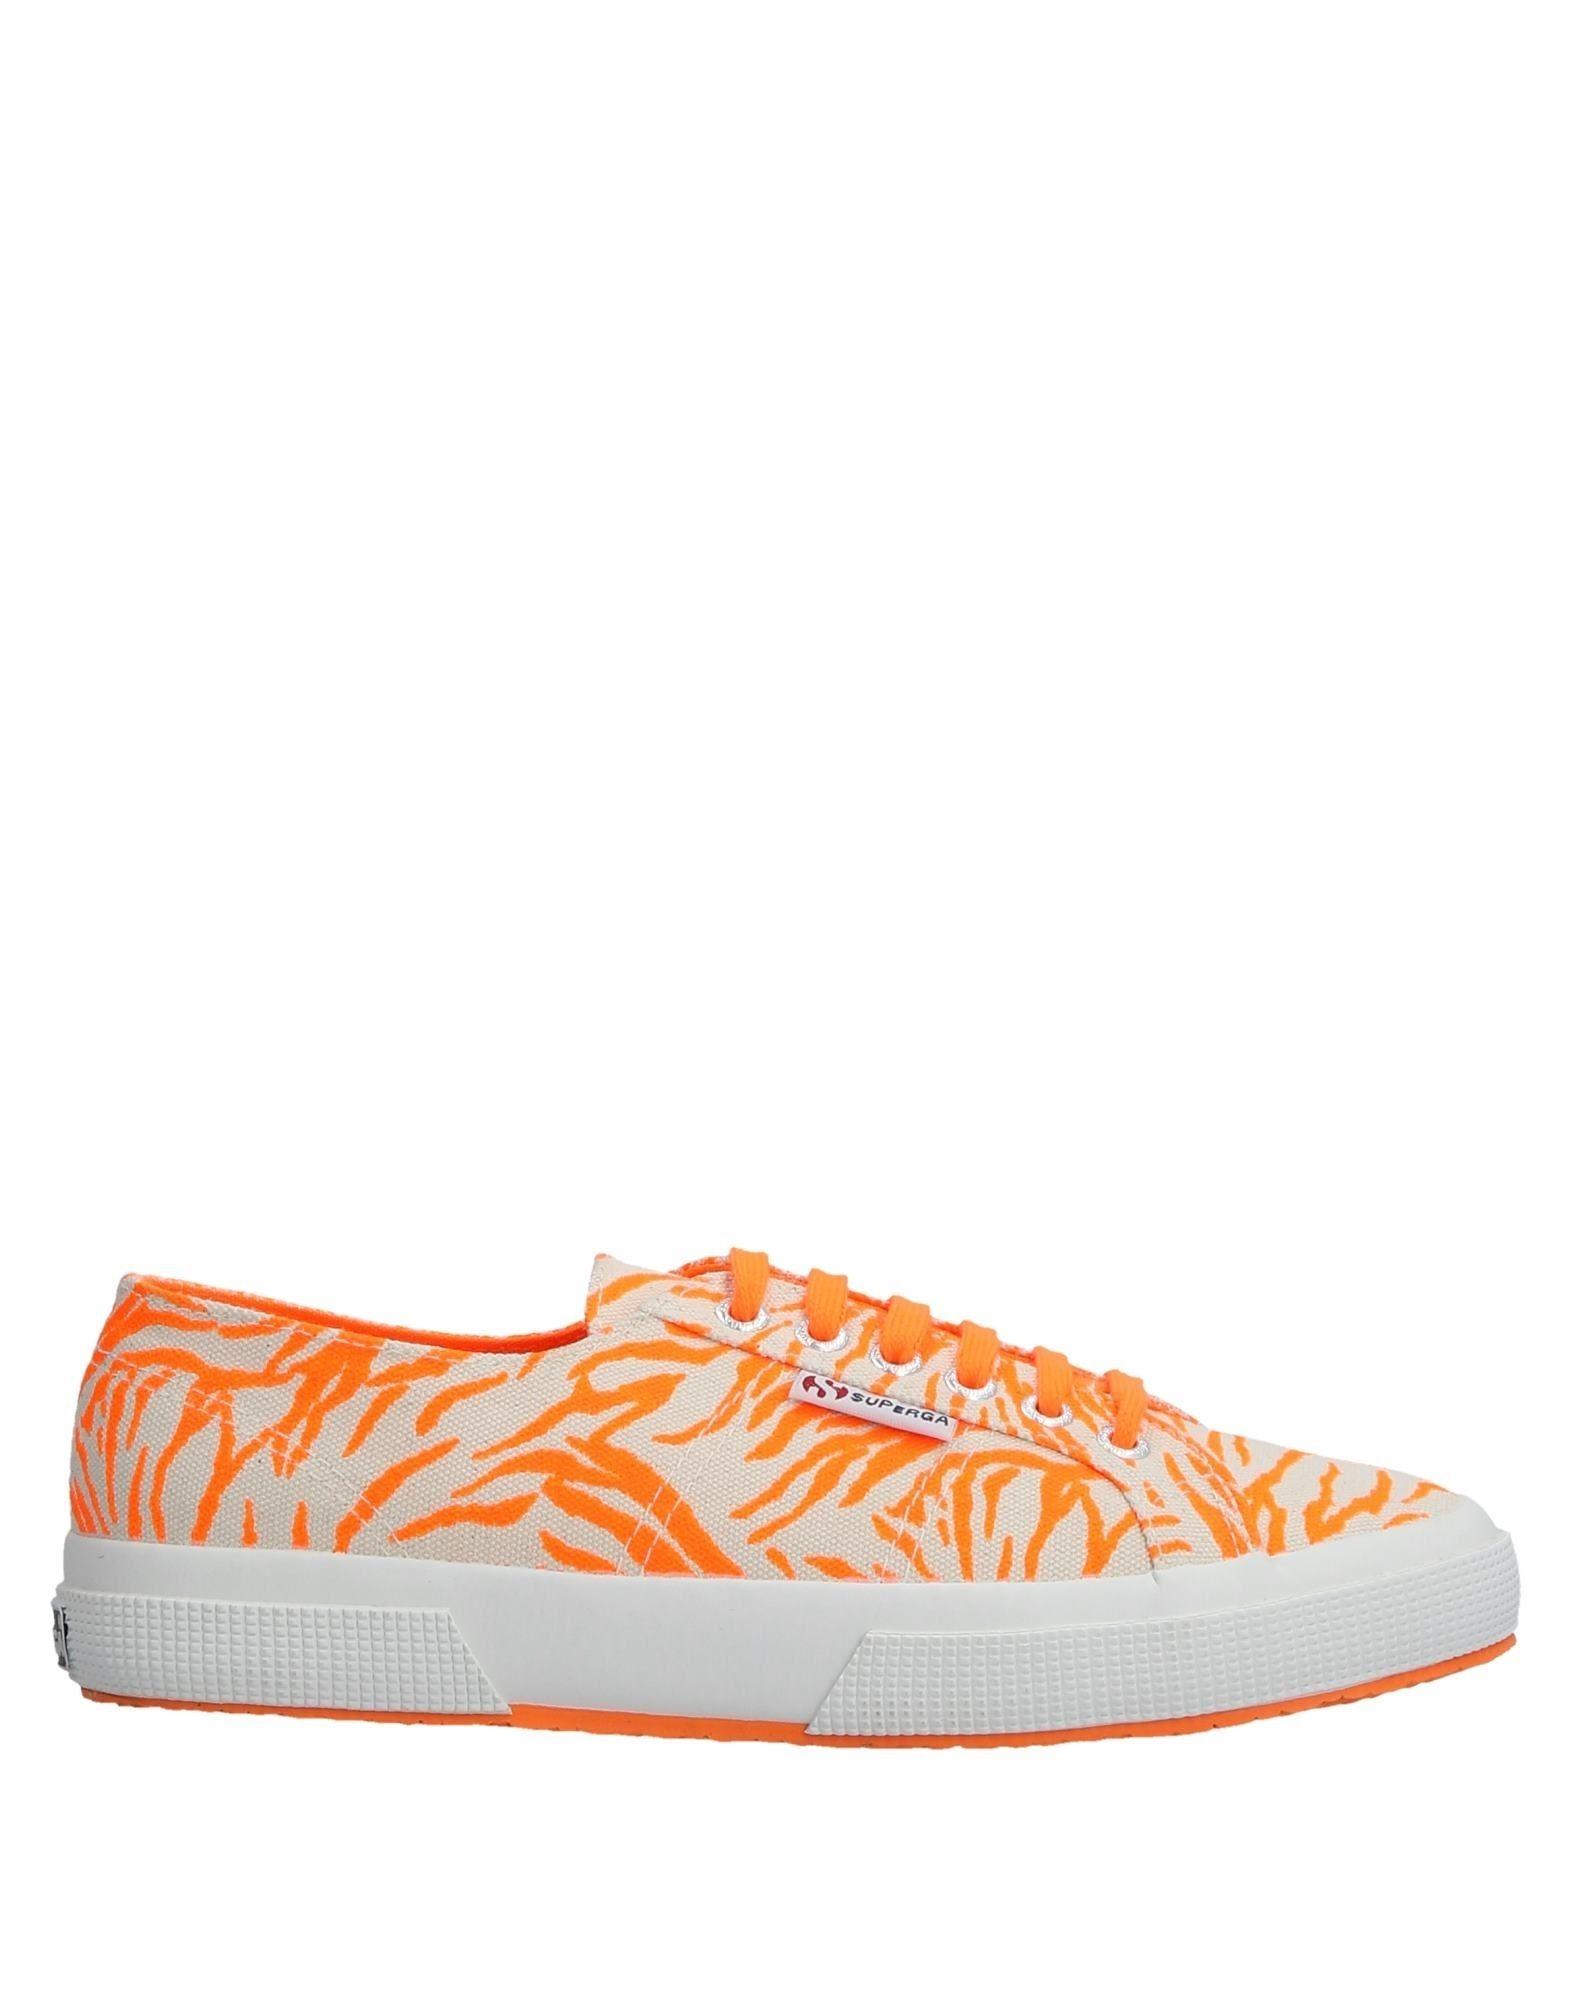 Superga® Sneakers Damen  11531504XL Gute Qualität beliebte Schuhe